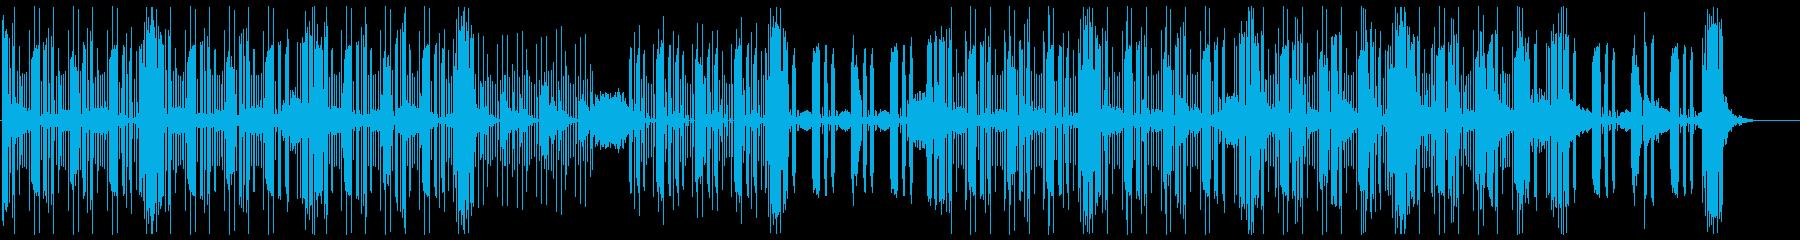 シンキング・タイム_考え中の再生済みの波形